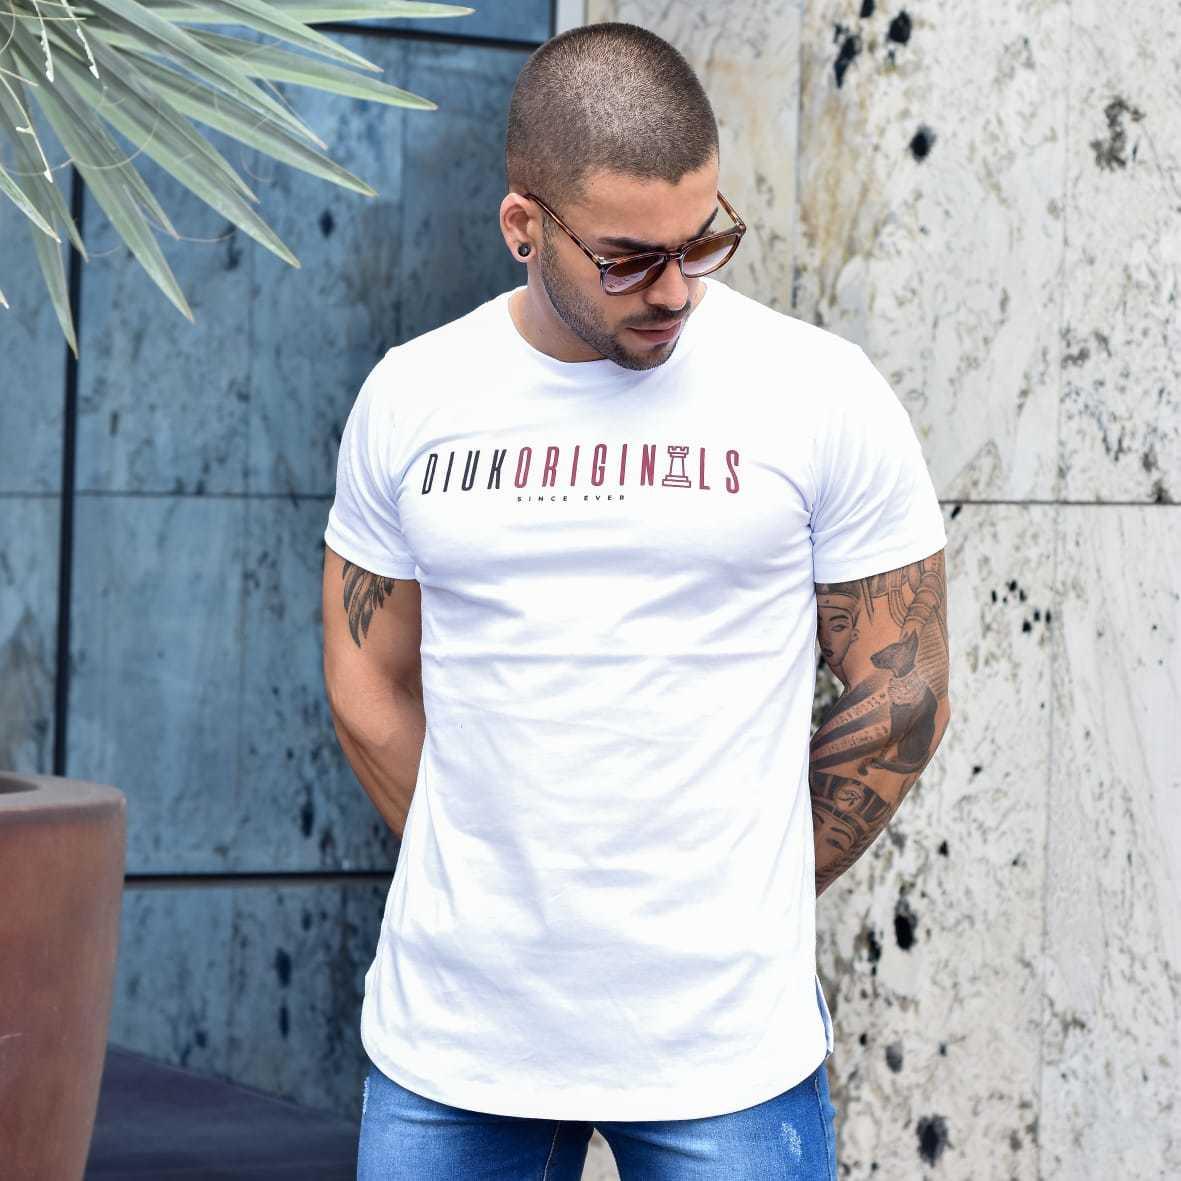 Camiseta Longline Branco Estampa Diuk Originals Burguês